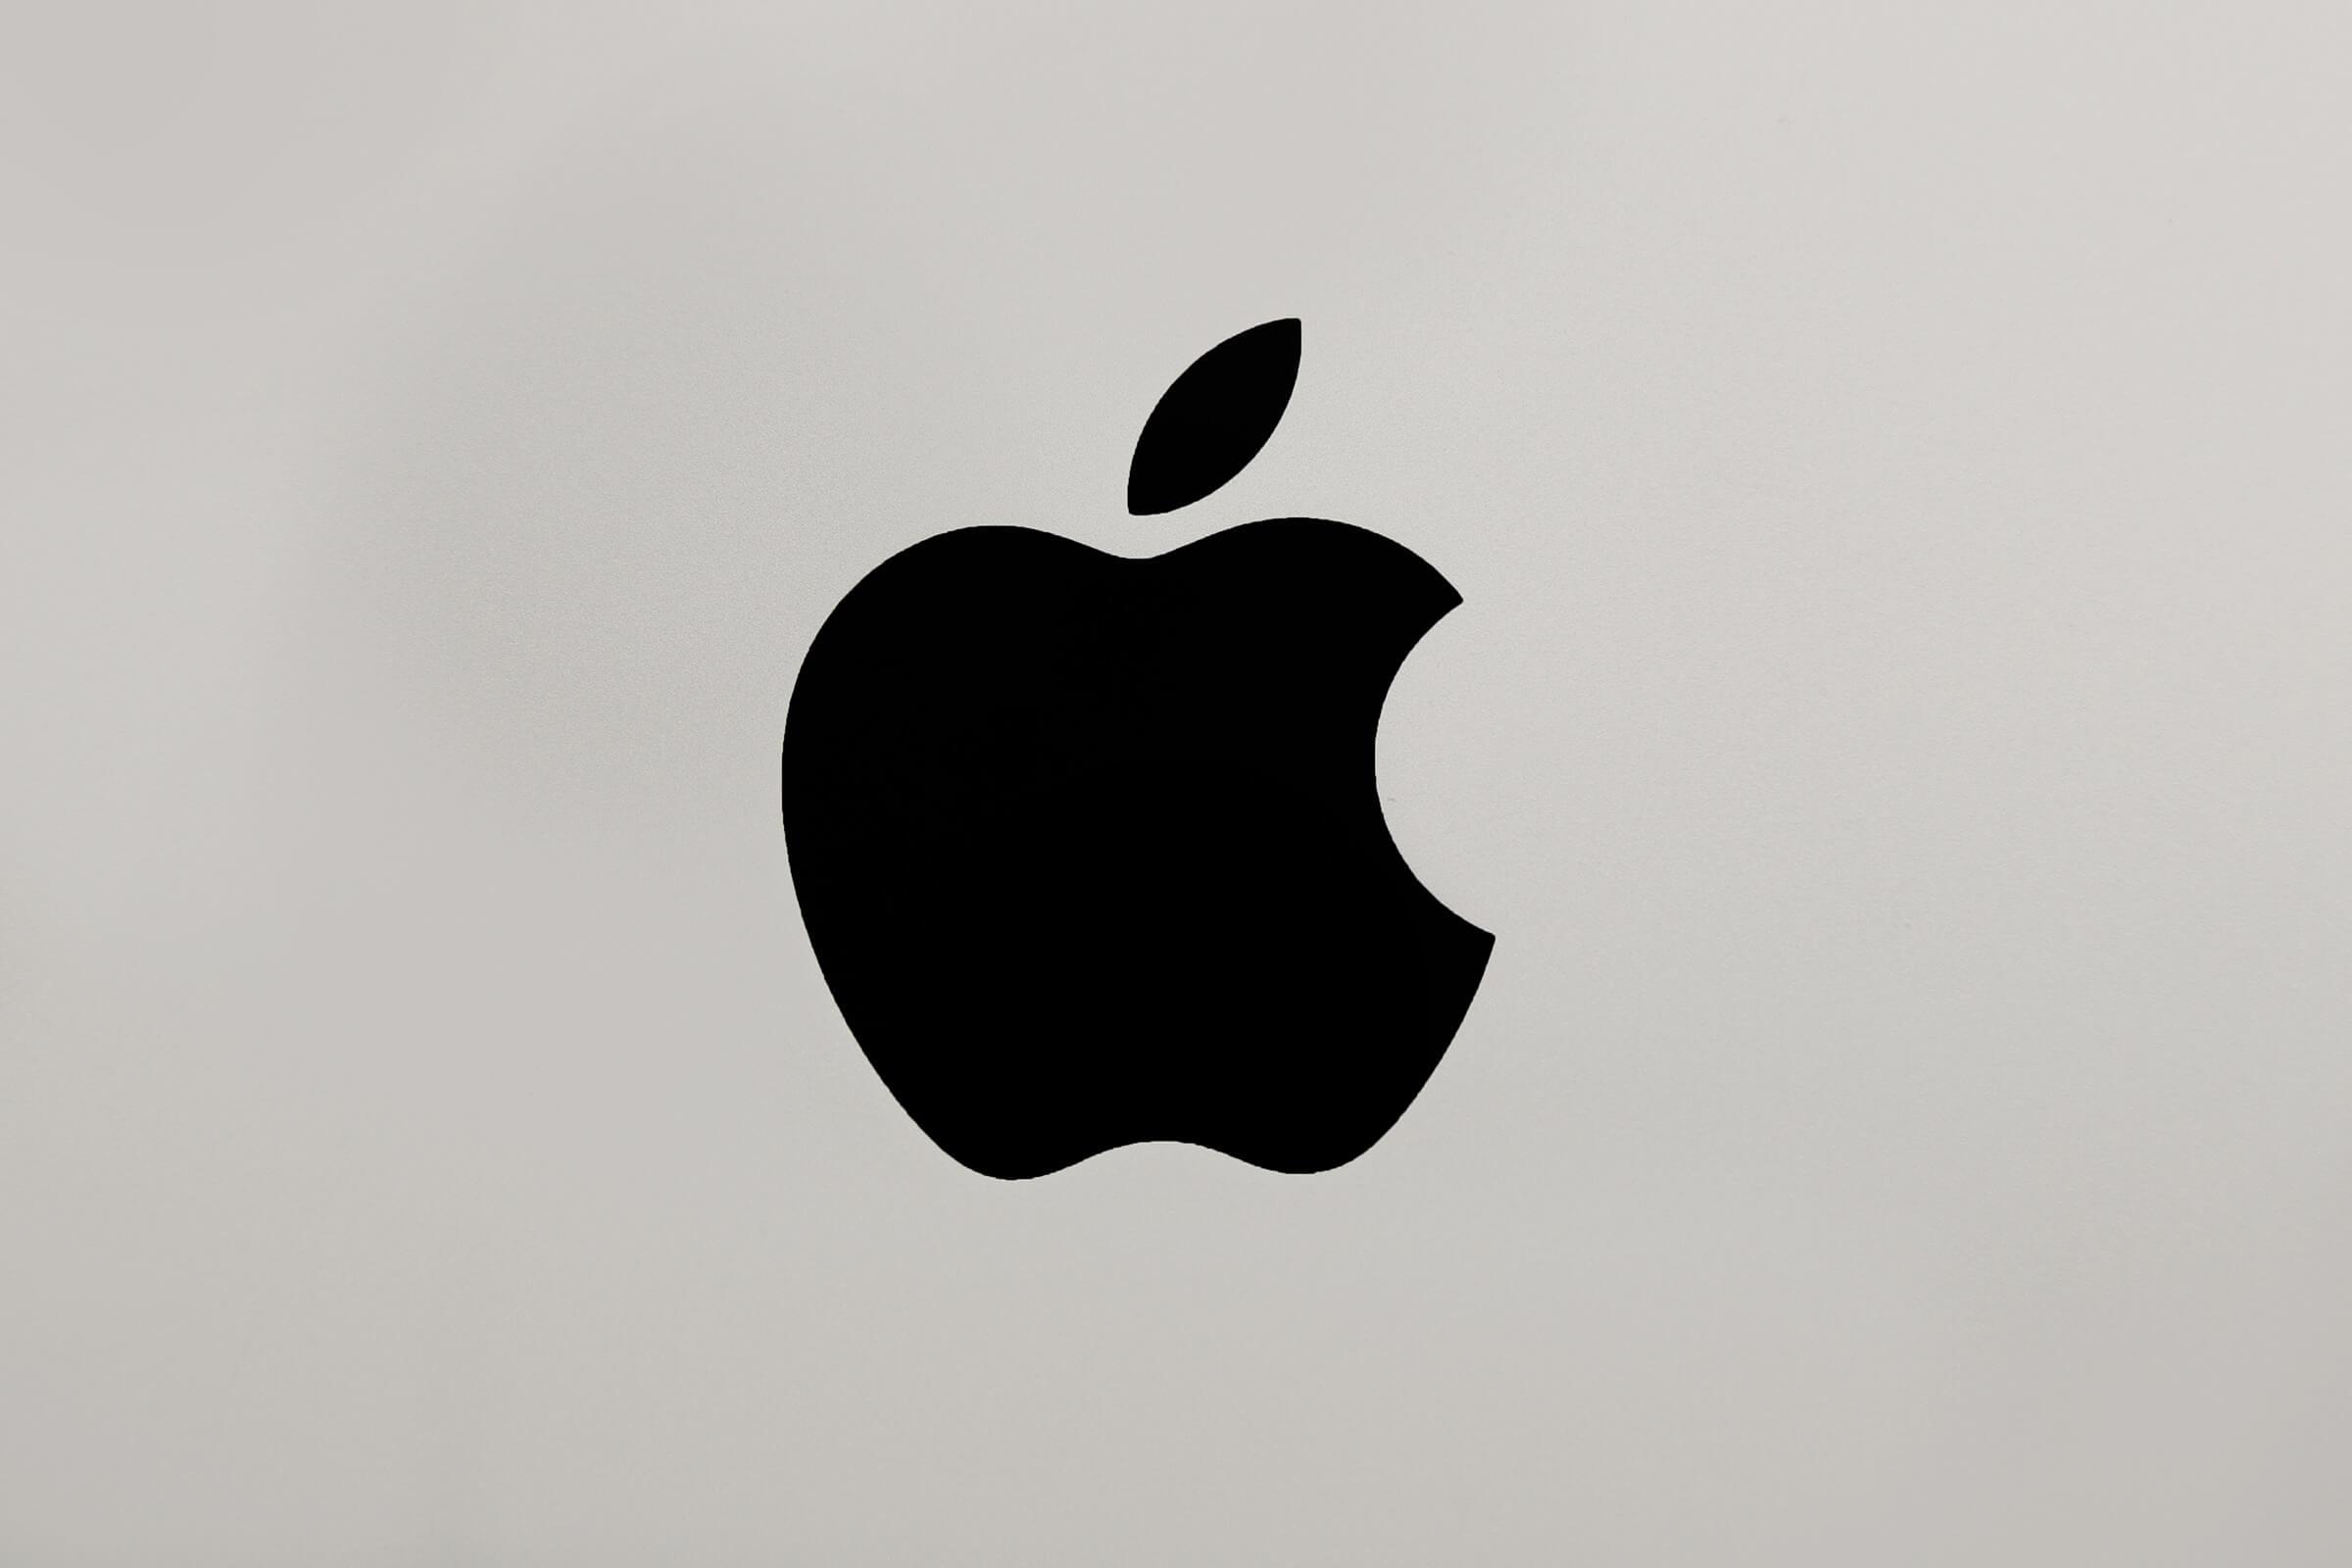 Logo da Apple preto sobre uma superfície de alumínio escovado